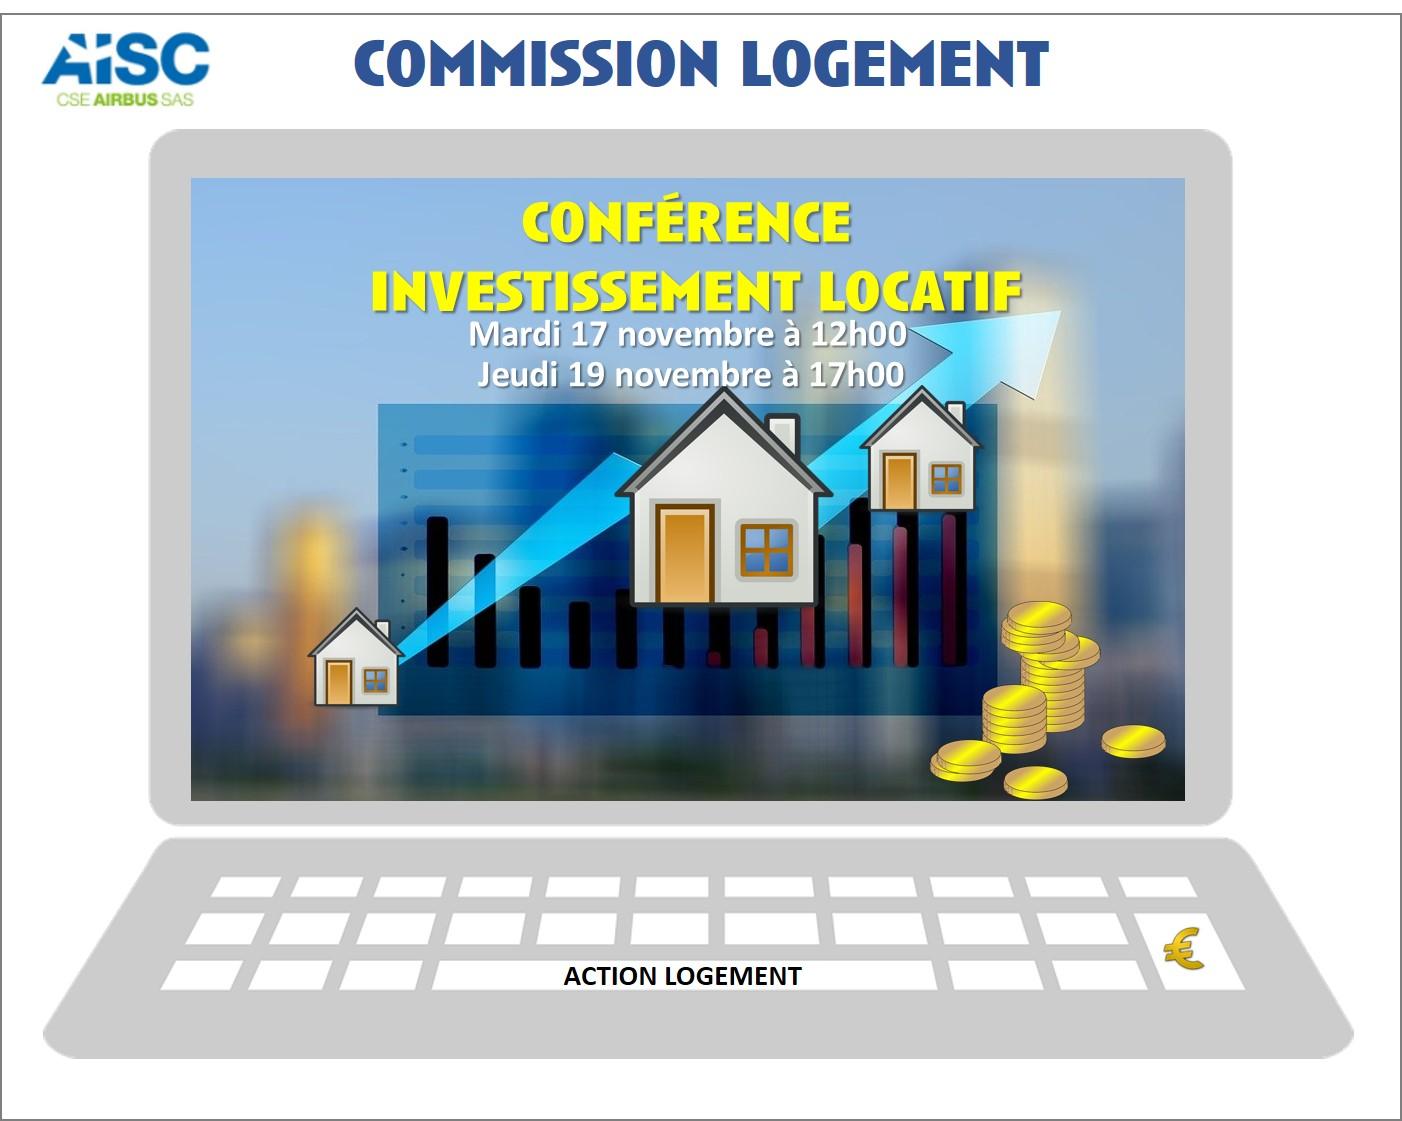 Commission logement : conférence investissement locatif.